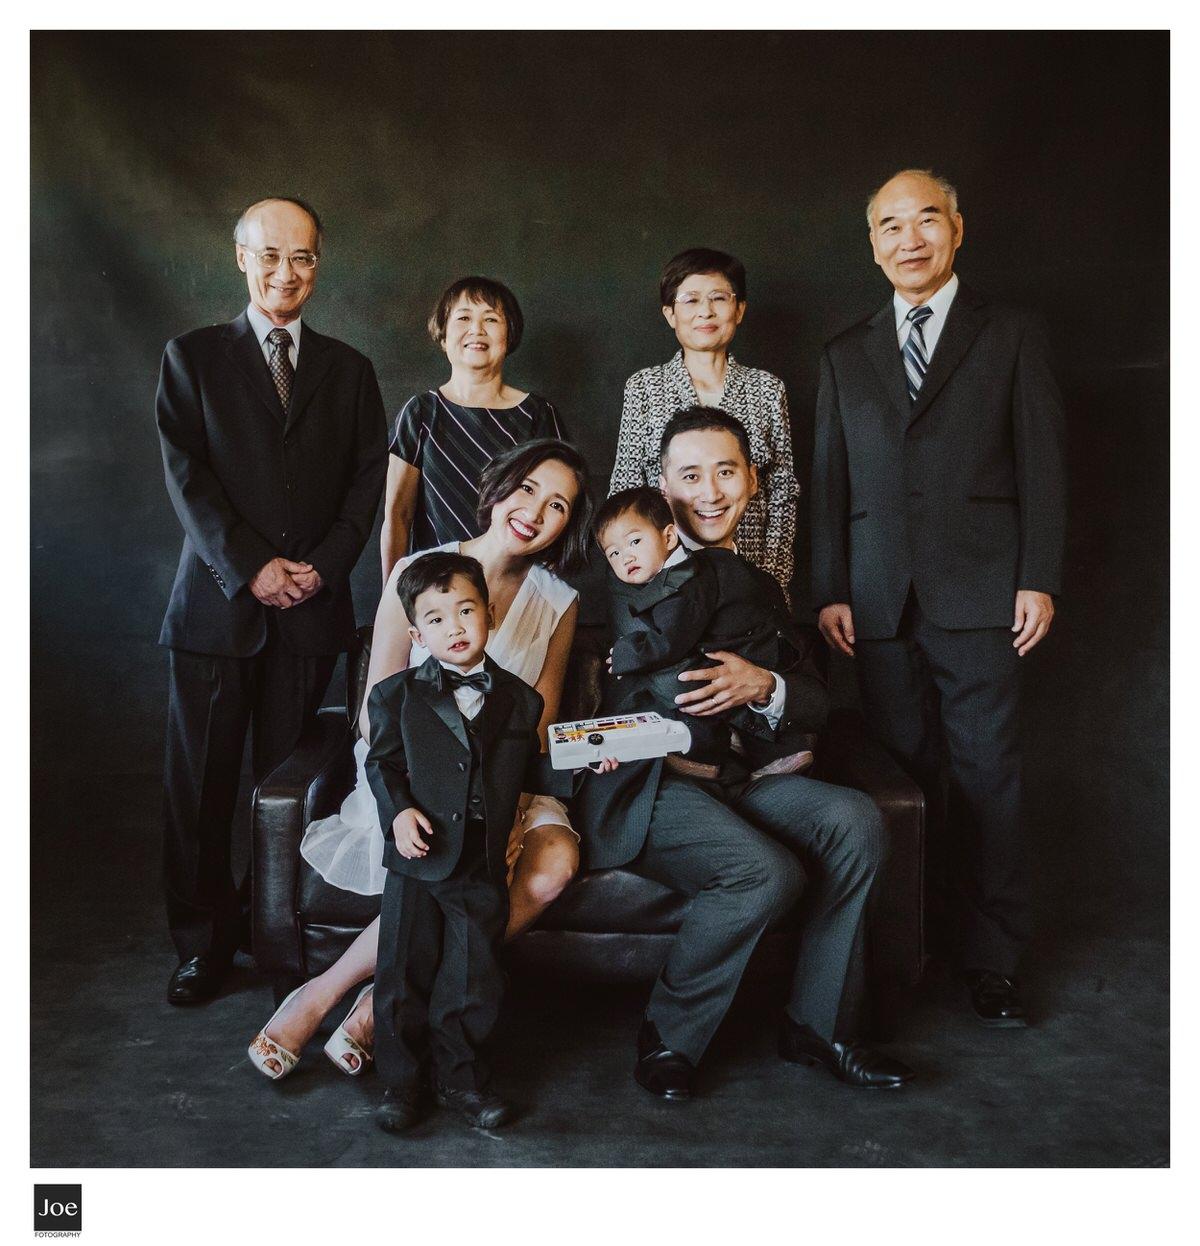 joe-fotography-family-photo-002.jpg